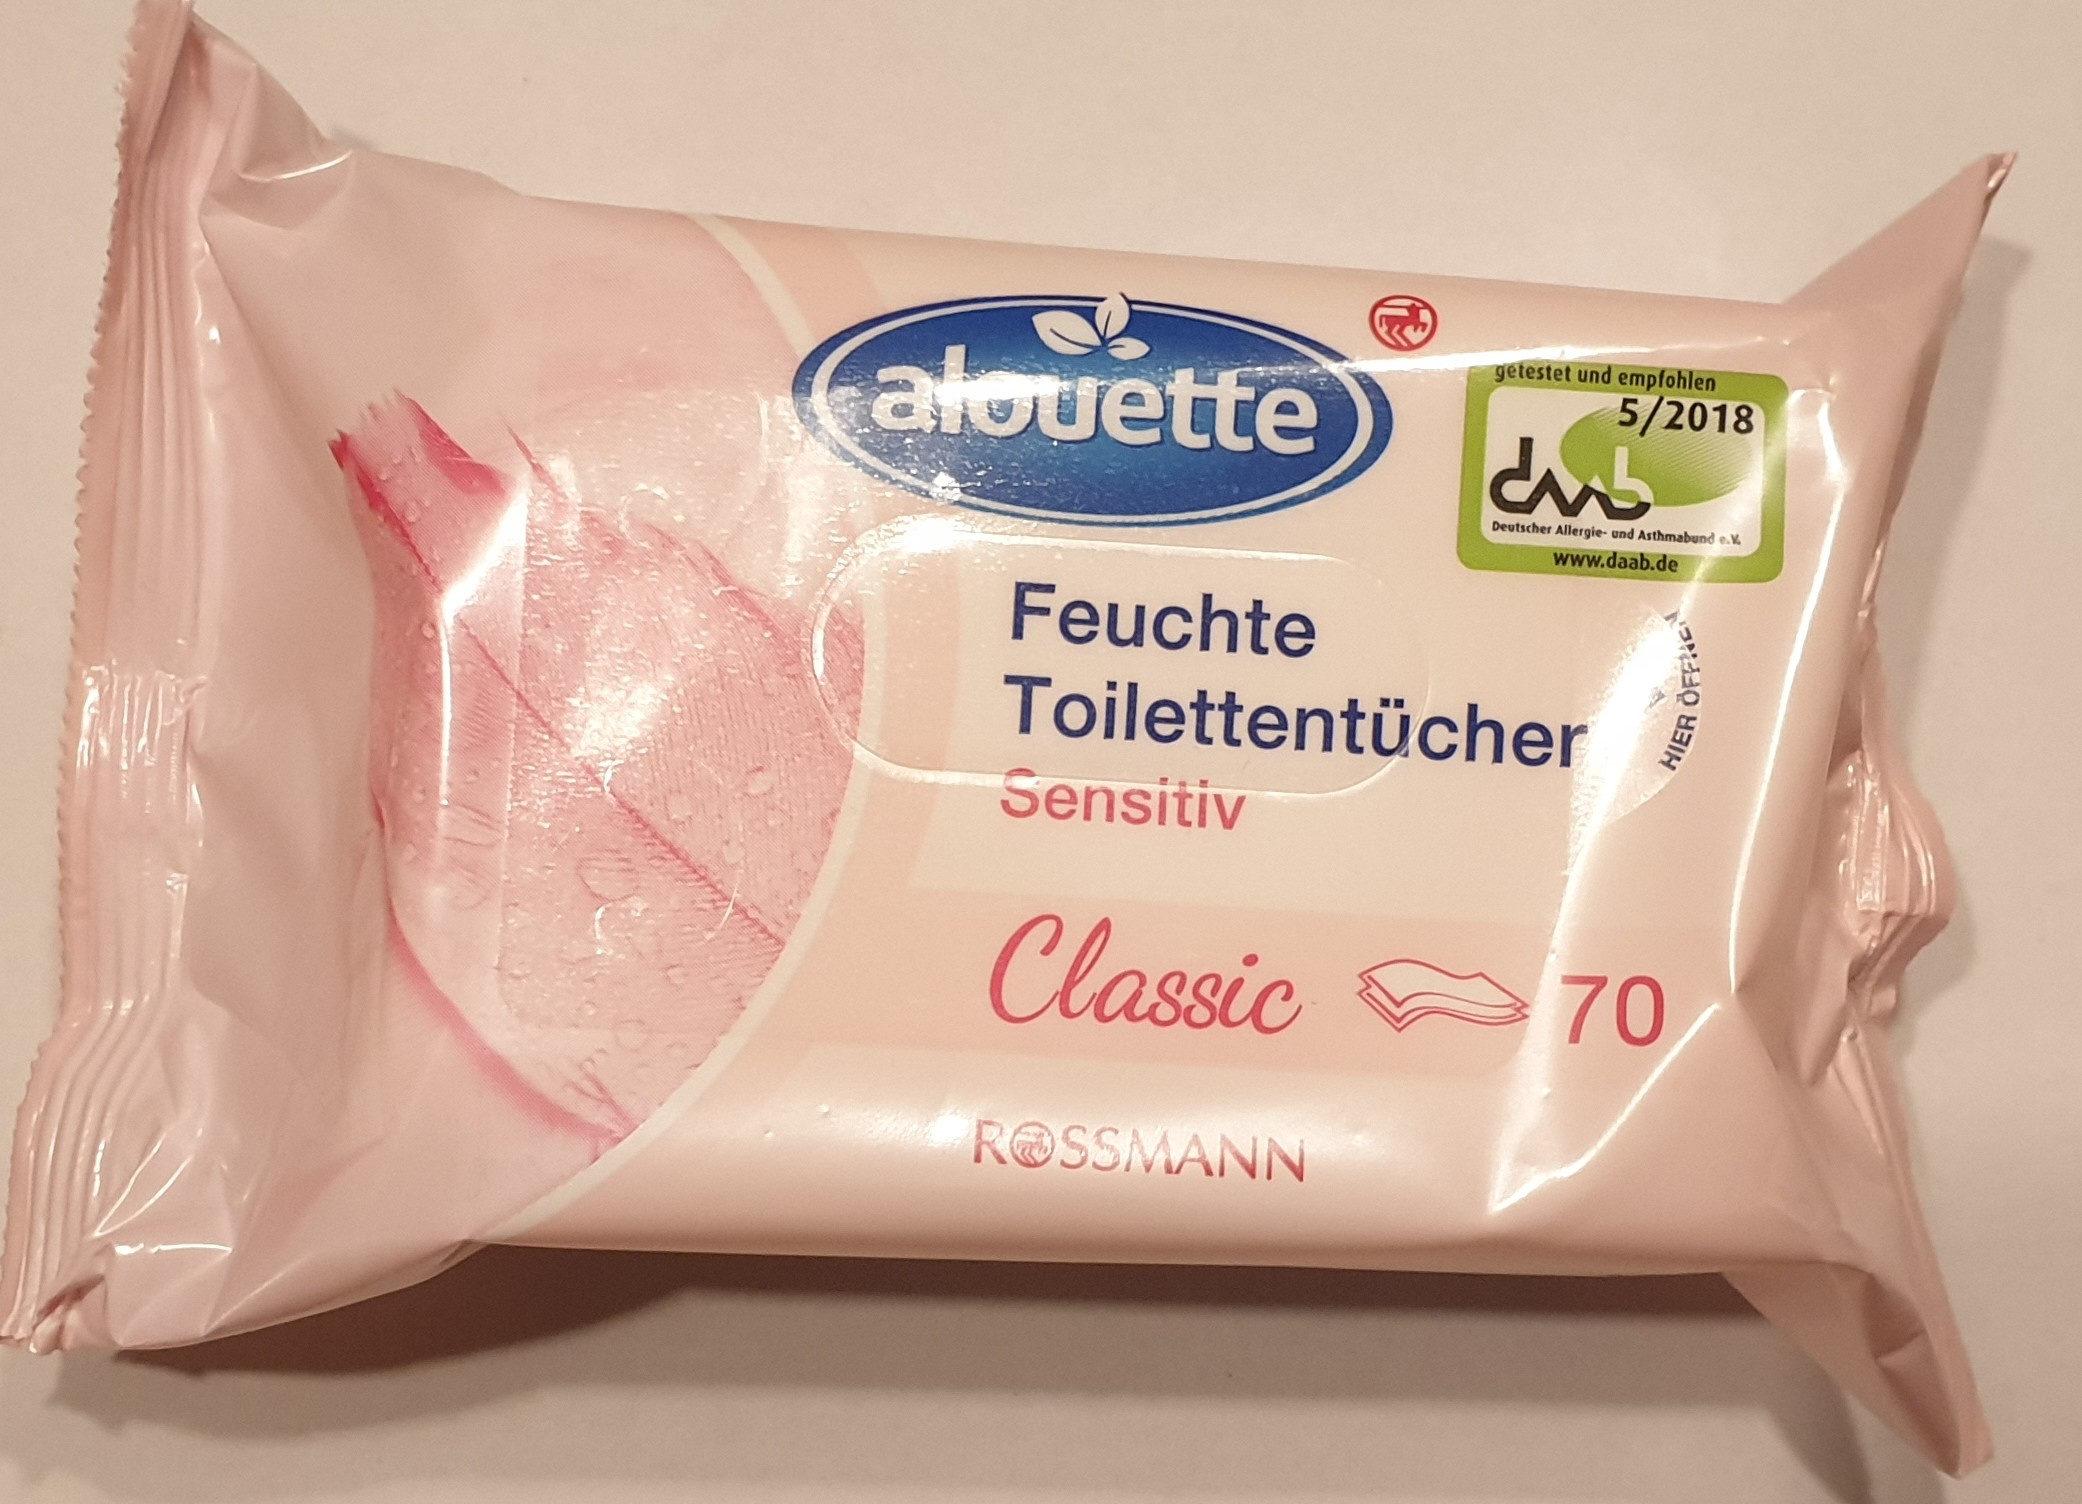 Feuchte Toilettentücher Sensitiv Classic - Product - de